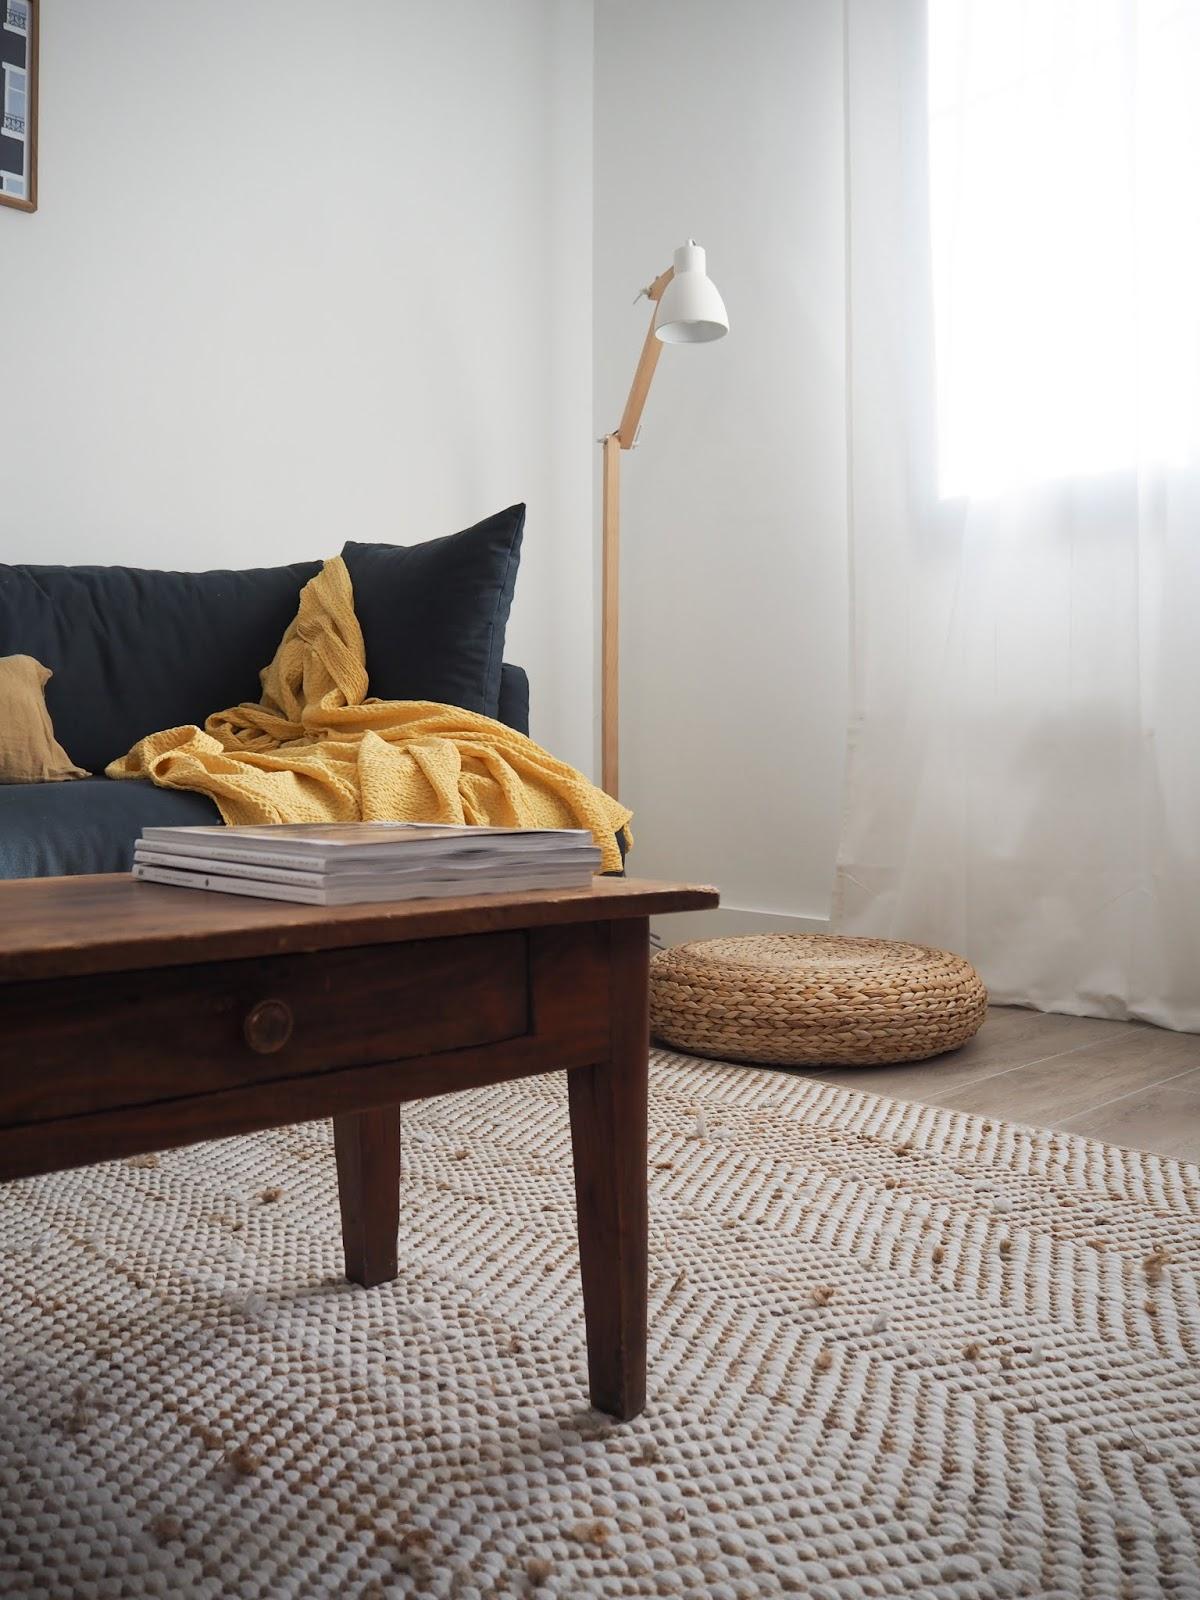 décoration d'intérieur - aix en provence - ilaria fatone- maison paulette - salon